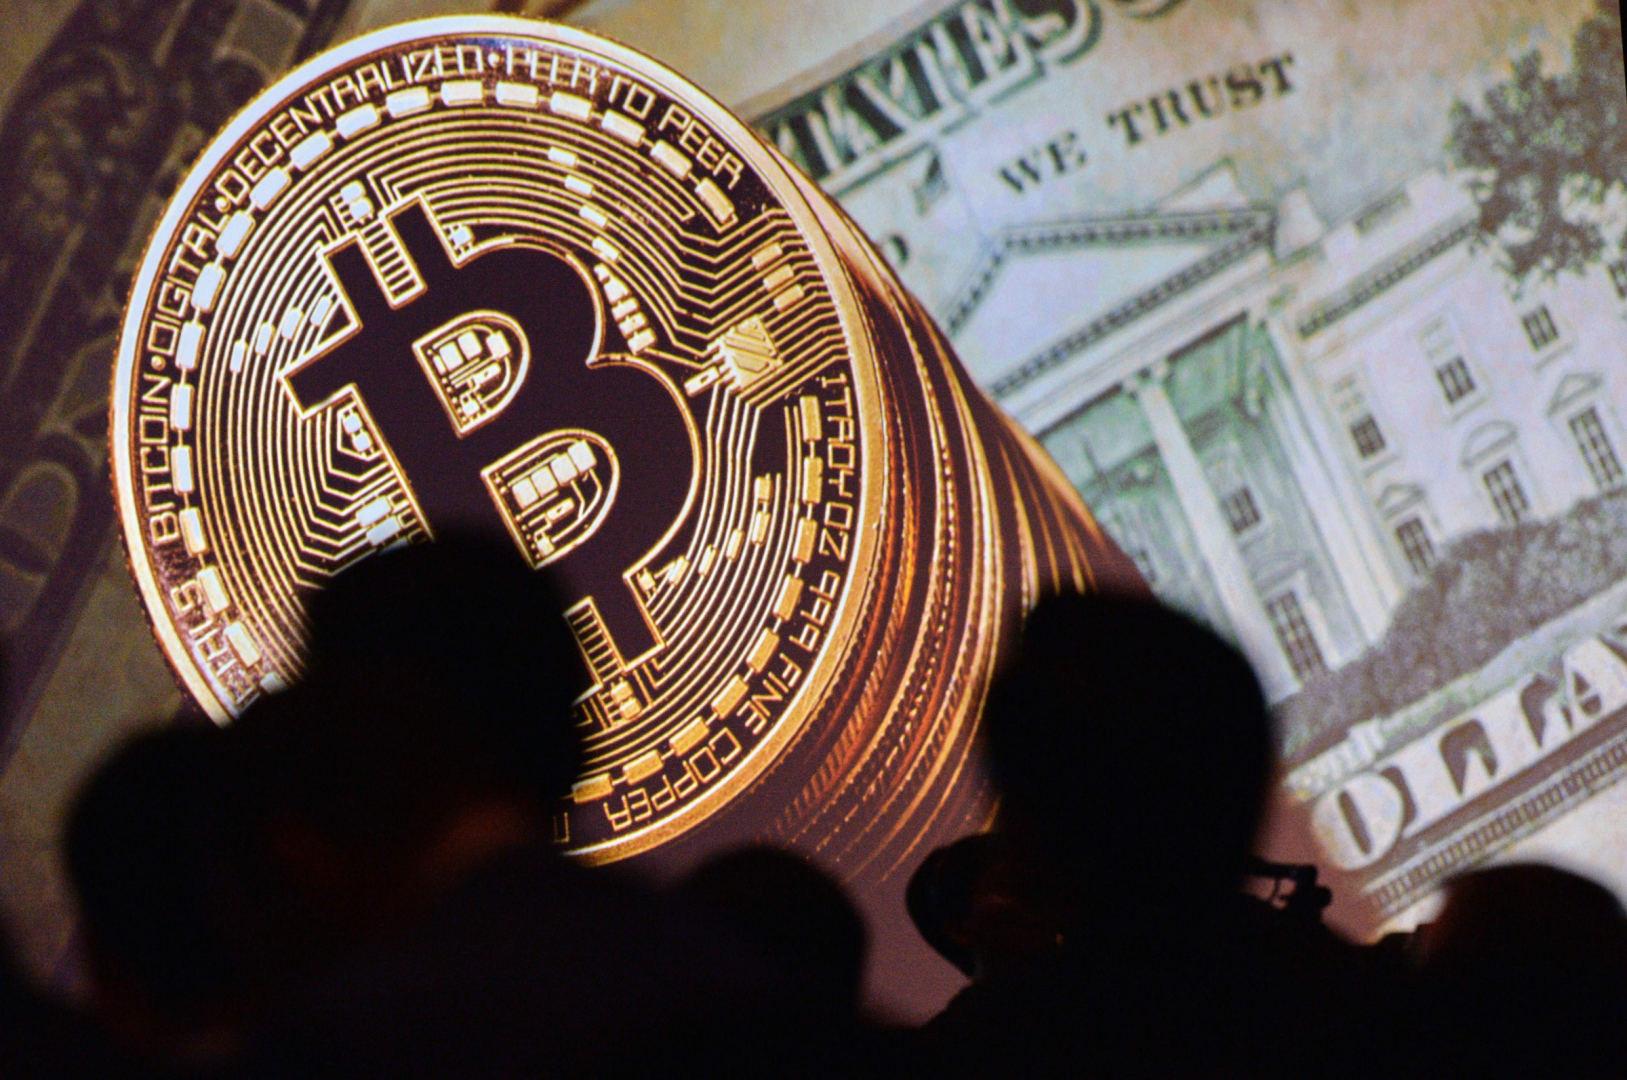 prekybos bitkoinų ateities neapmokėtų akcijų pasirinkimo sandorių reikšmė